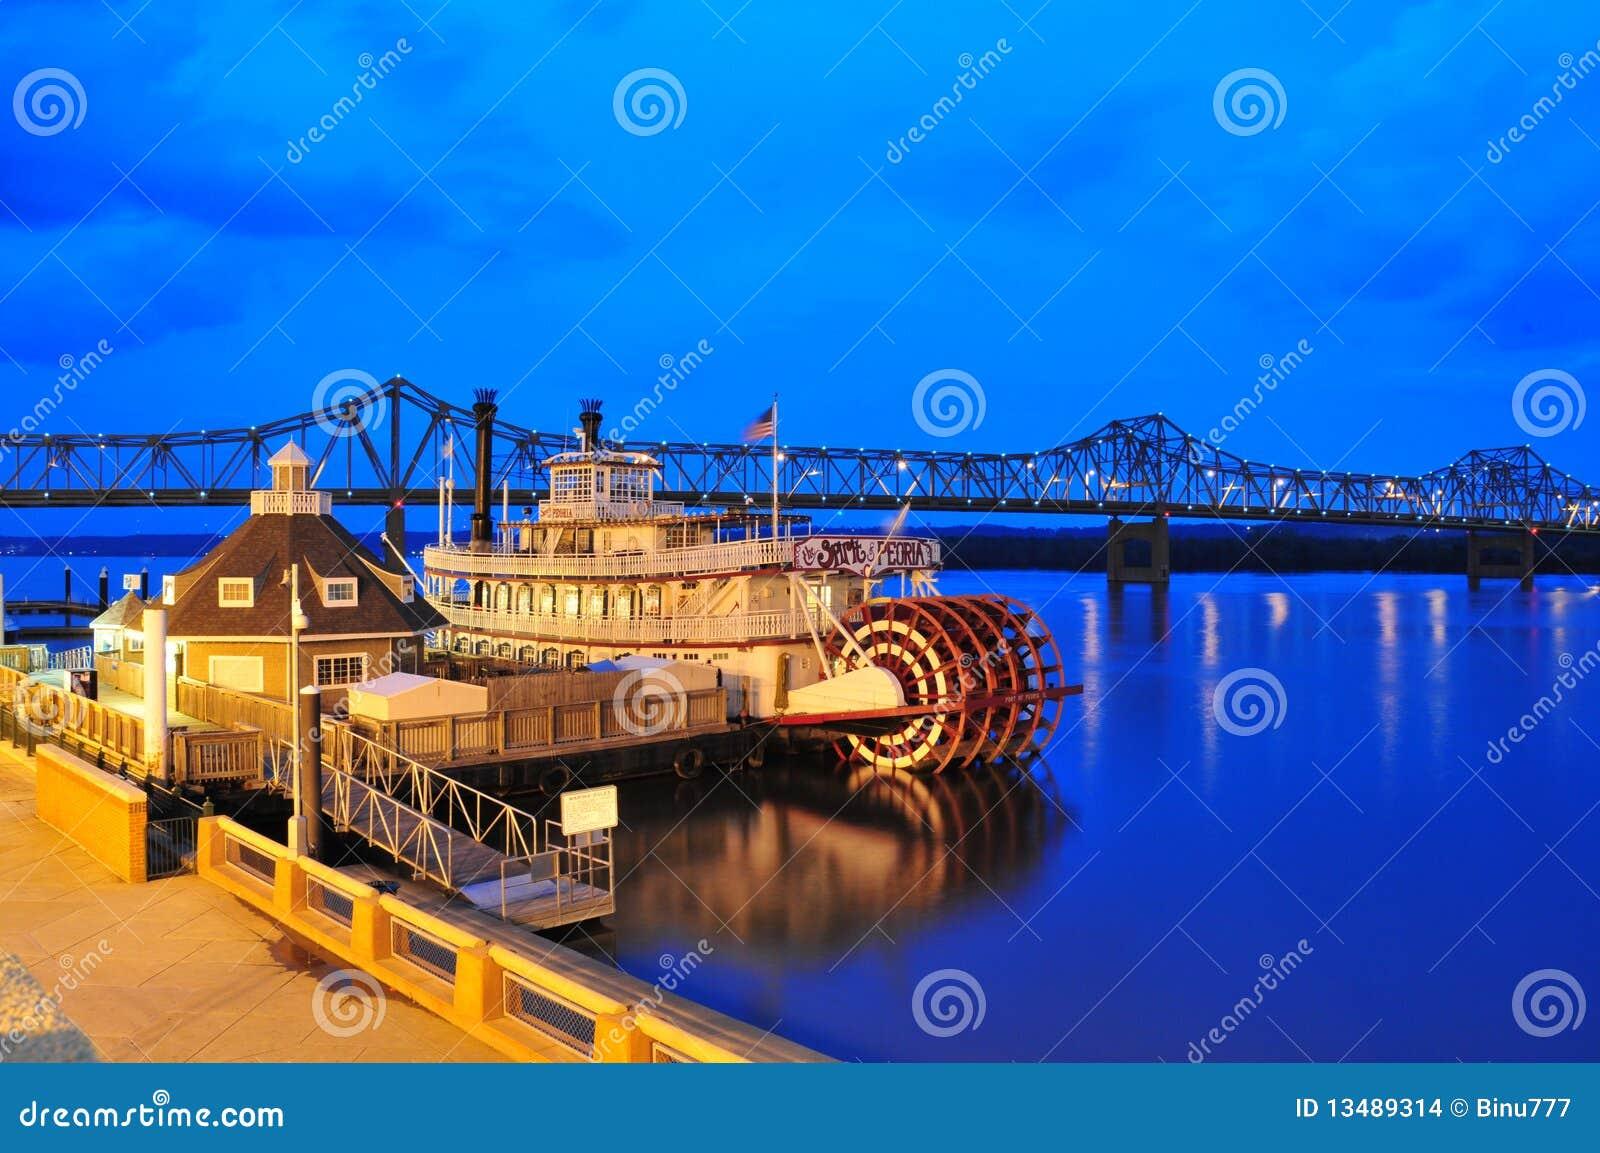 Illinois steamboat at twilight